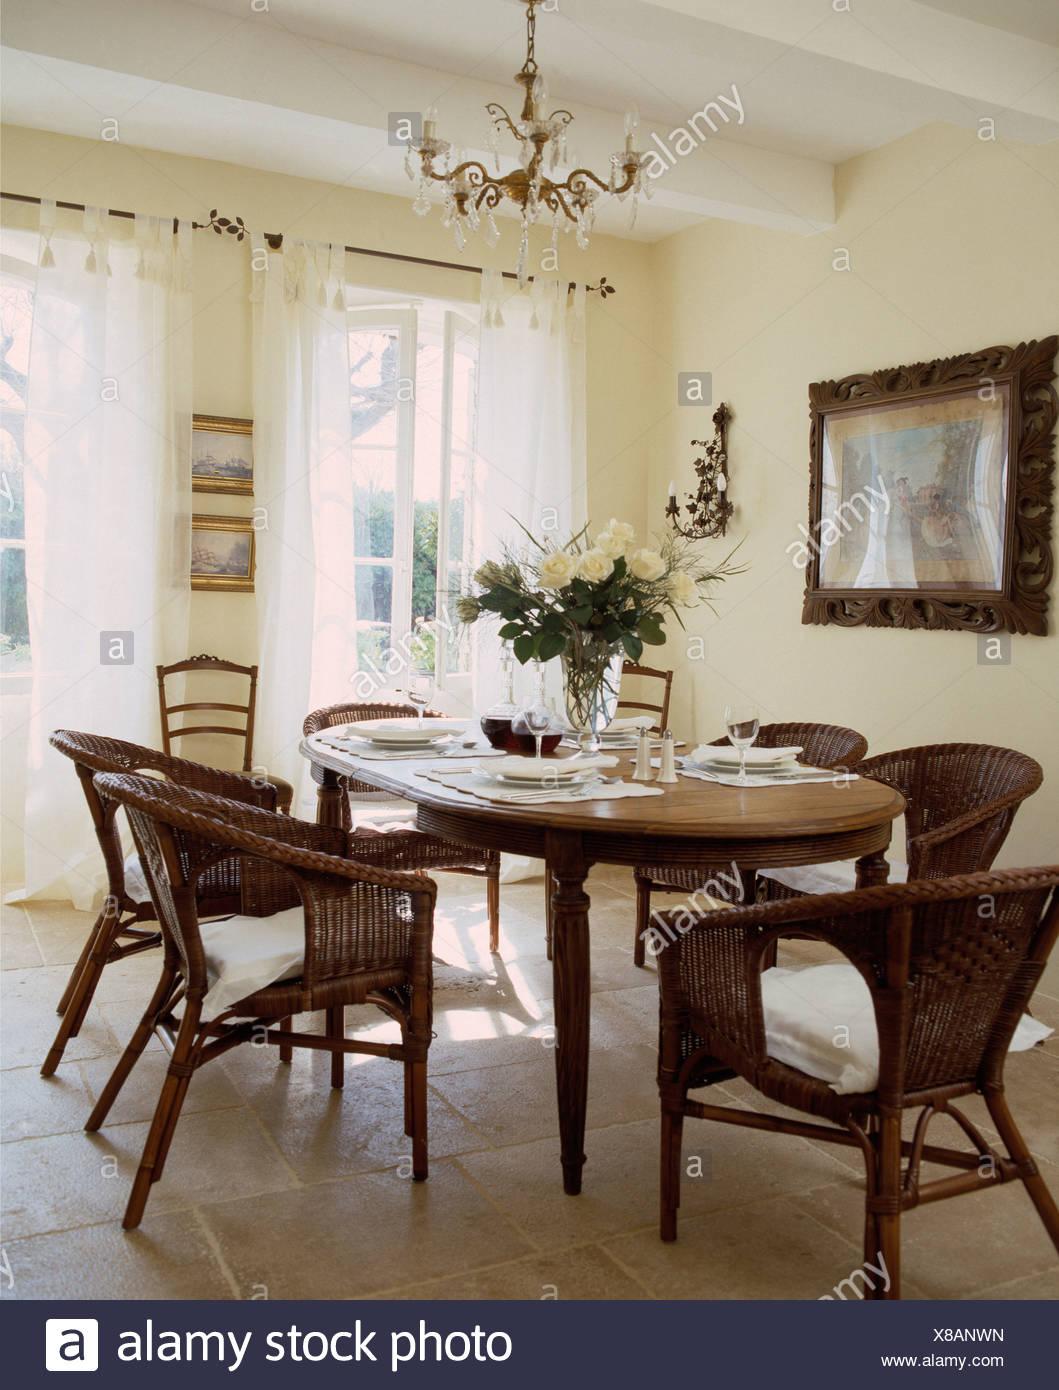 Sillas de mimbre en el antiguo conjunto de mesa ovalada para ...